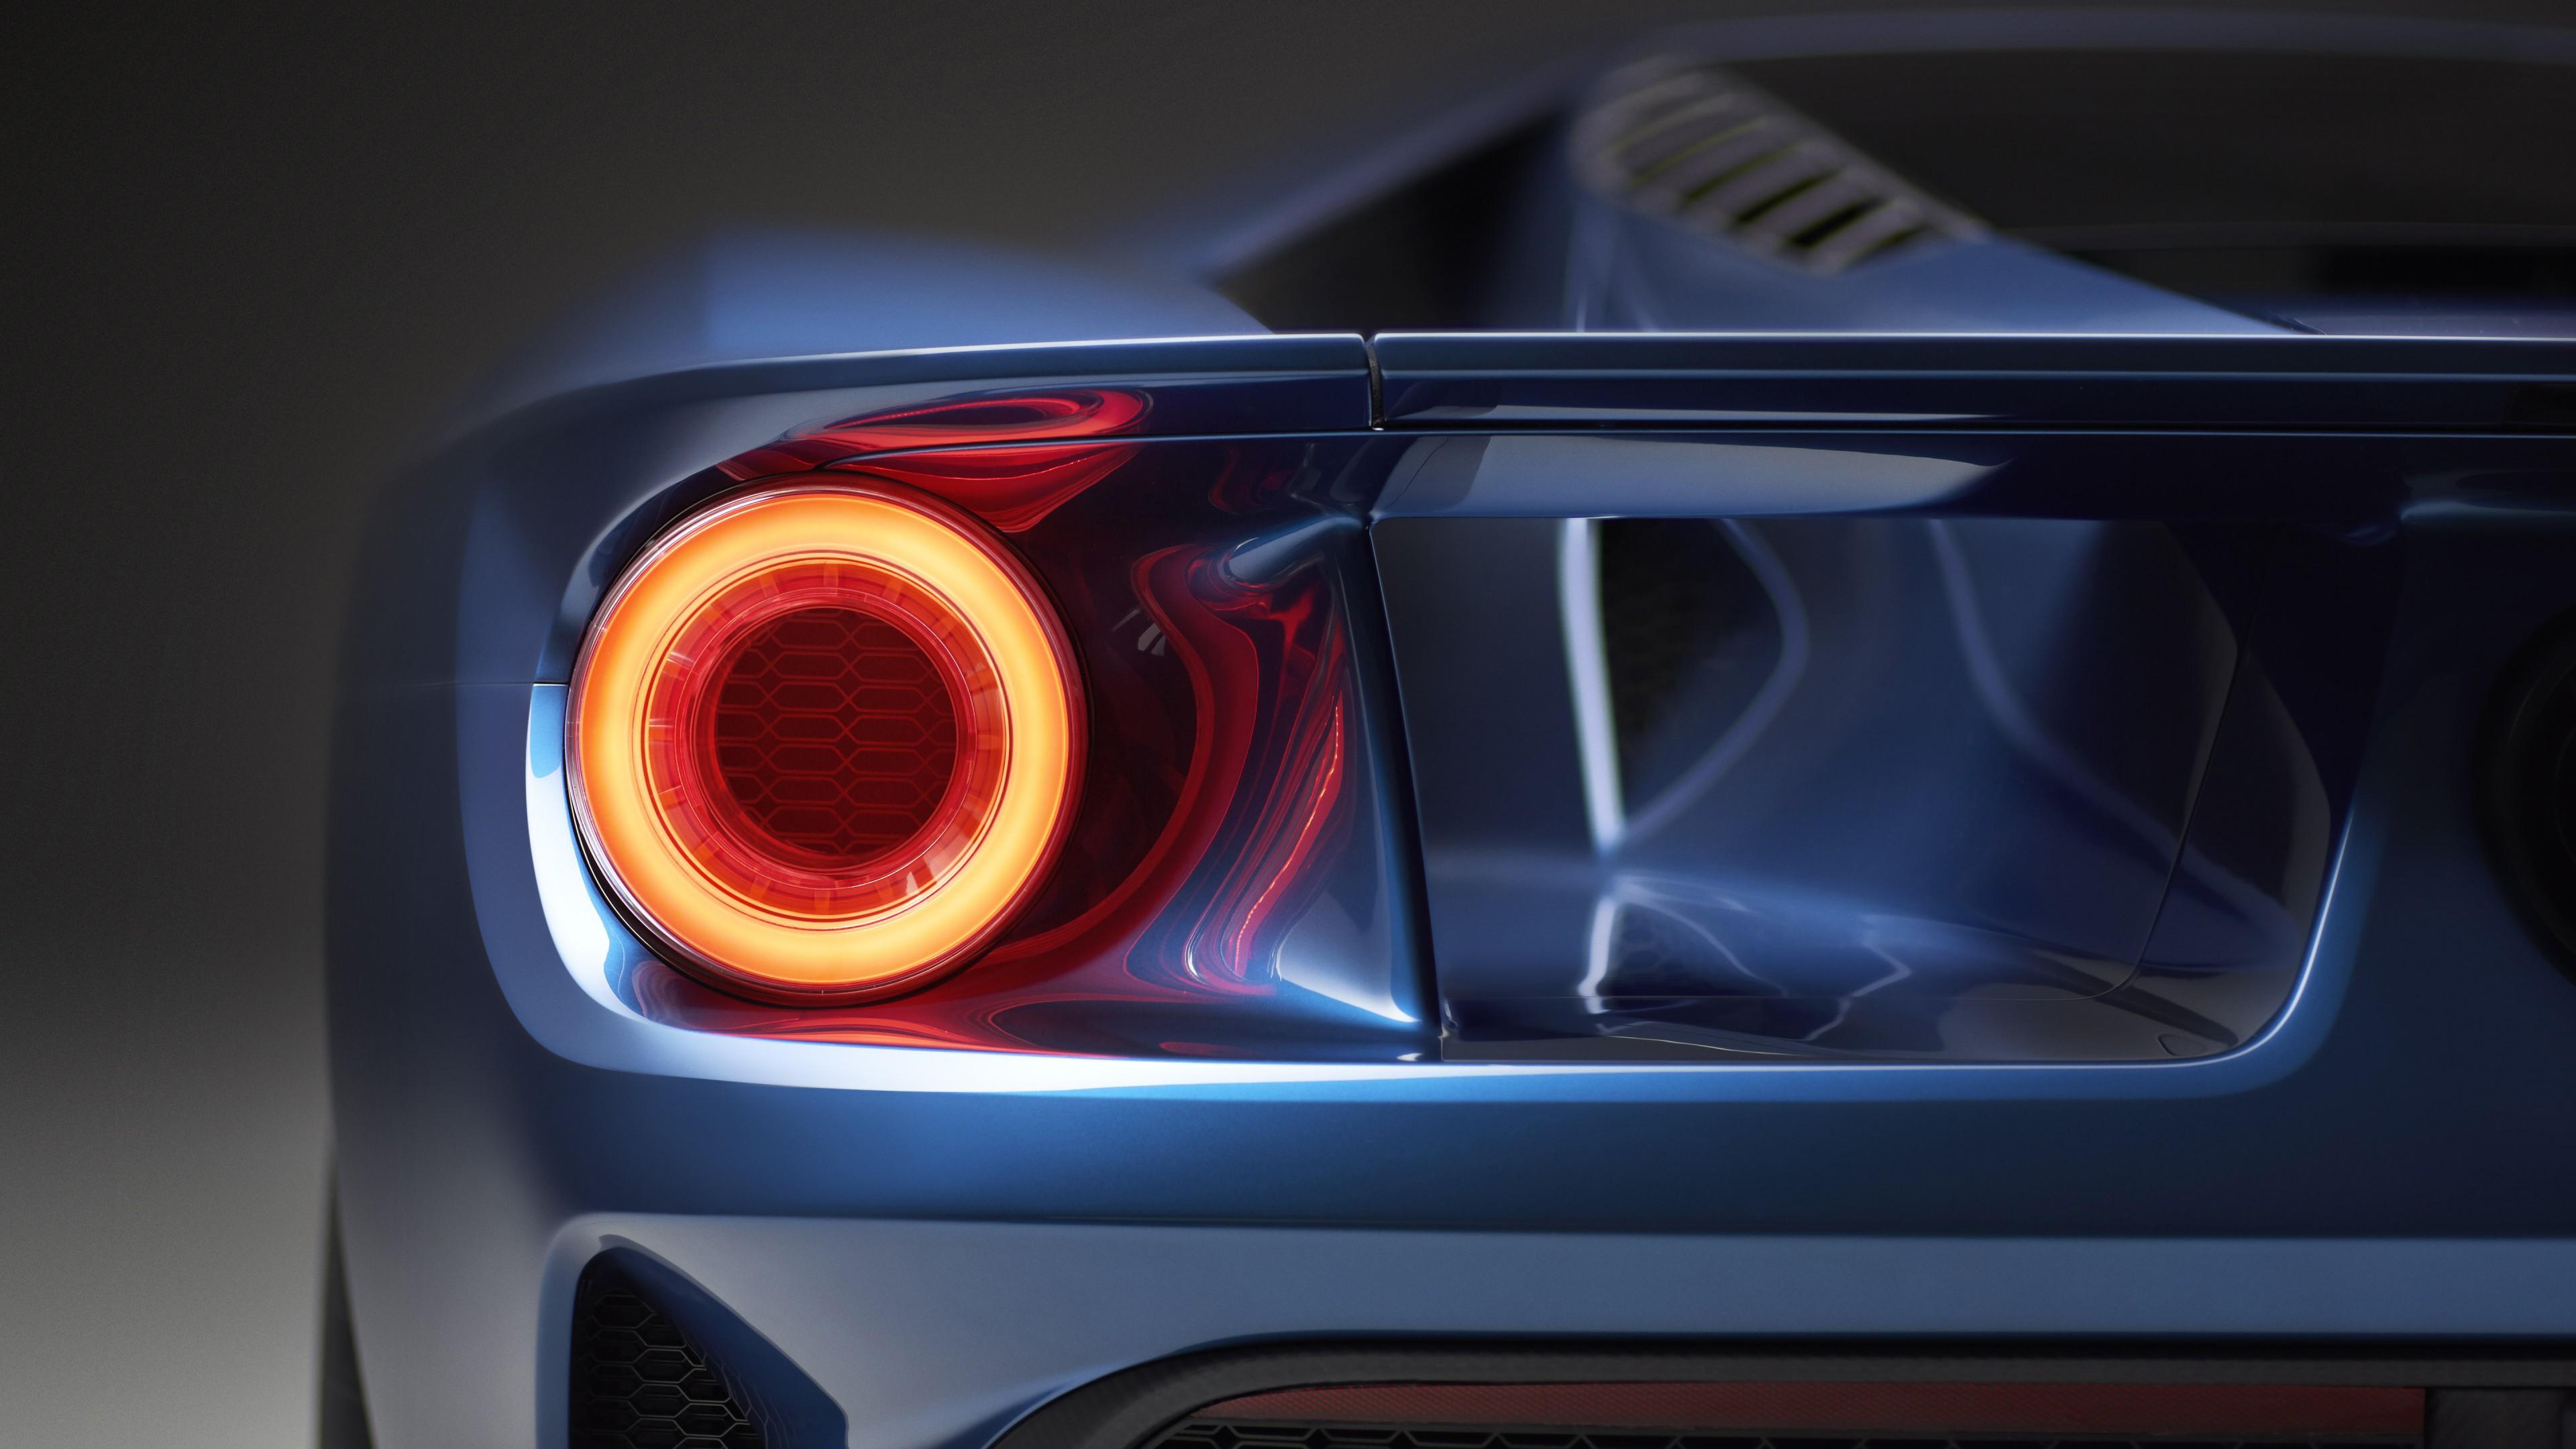 Синий автомобиль с желто-красной оптикой